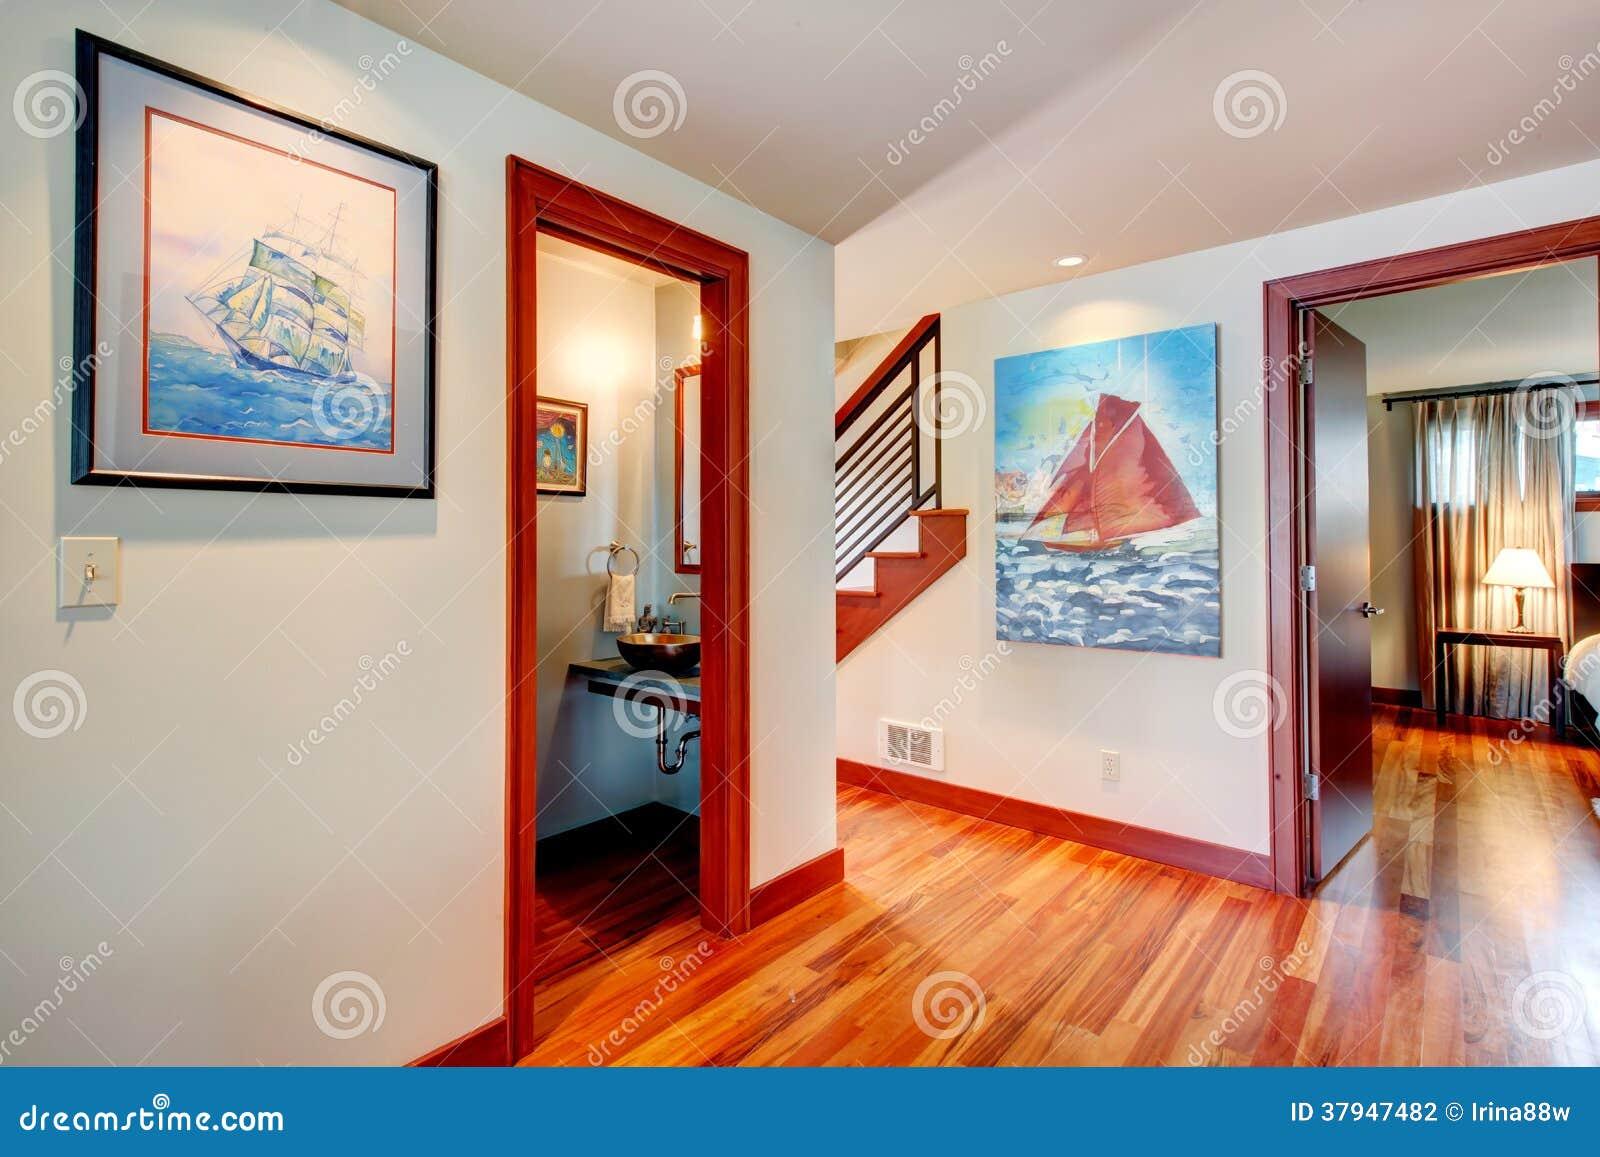 Idée De Conception Intérieure. Couloir Photo stock - Image ...